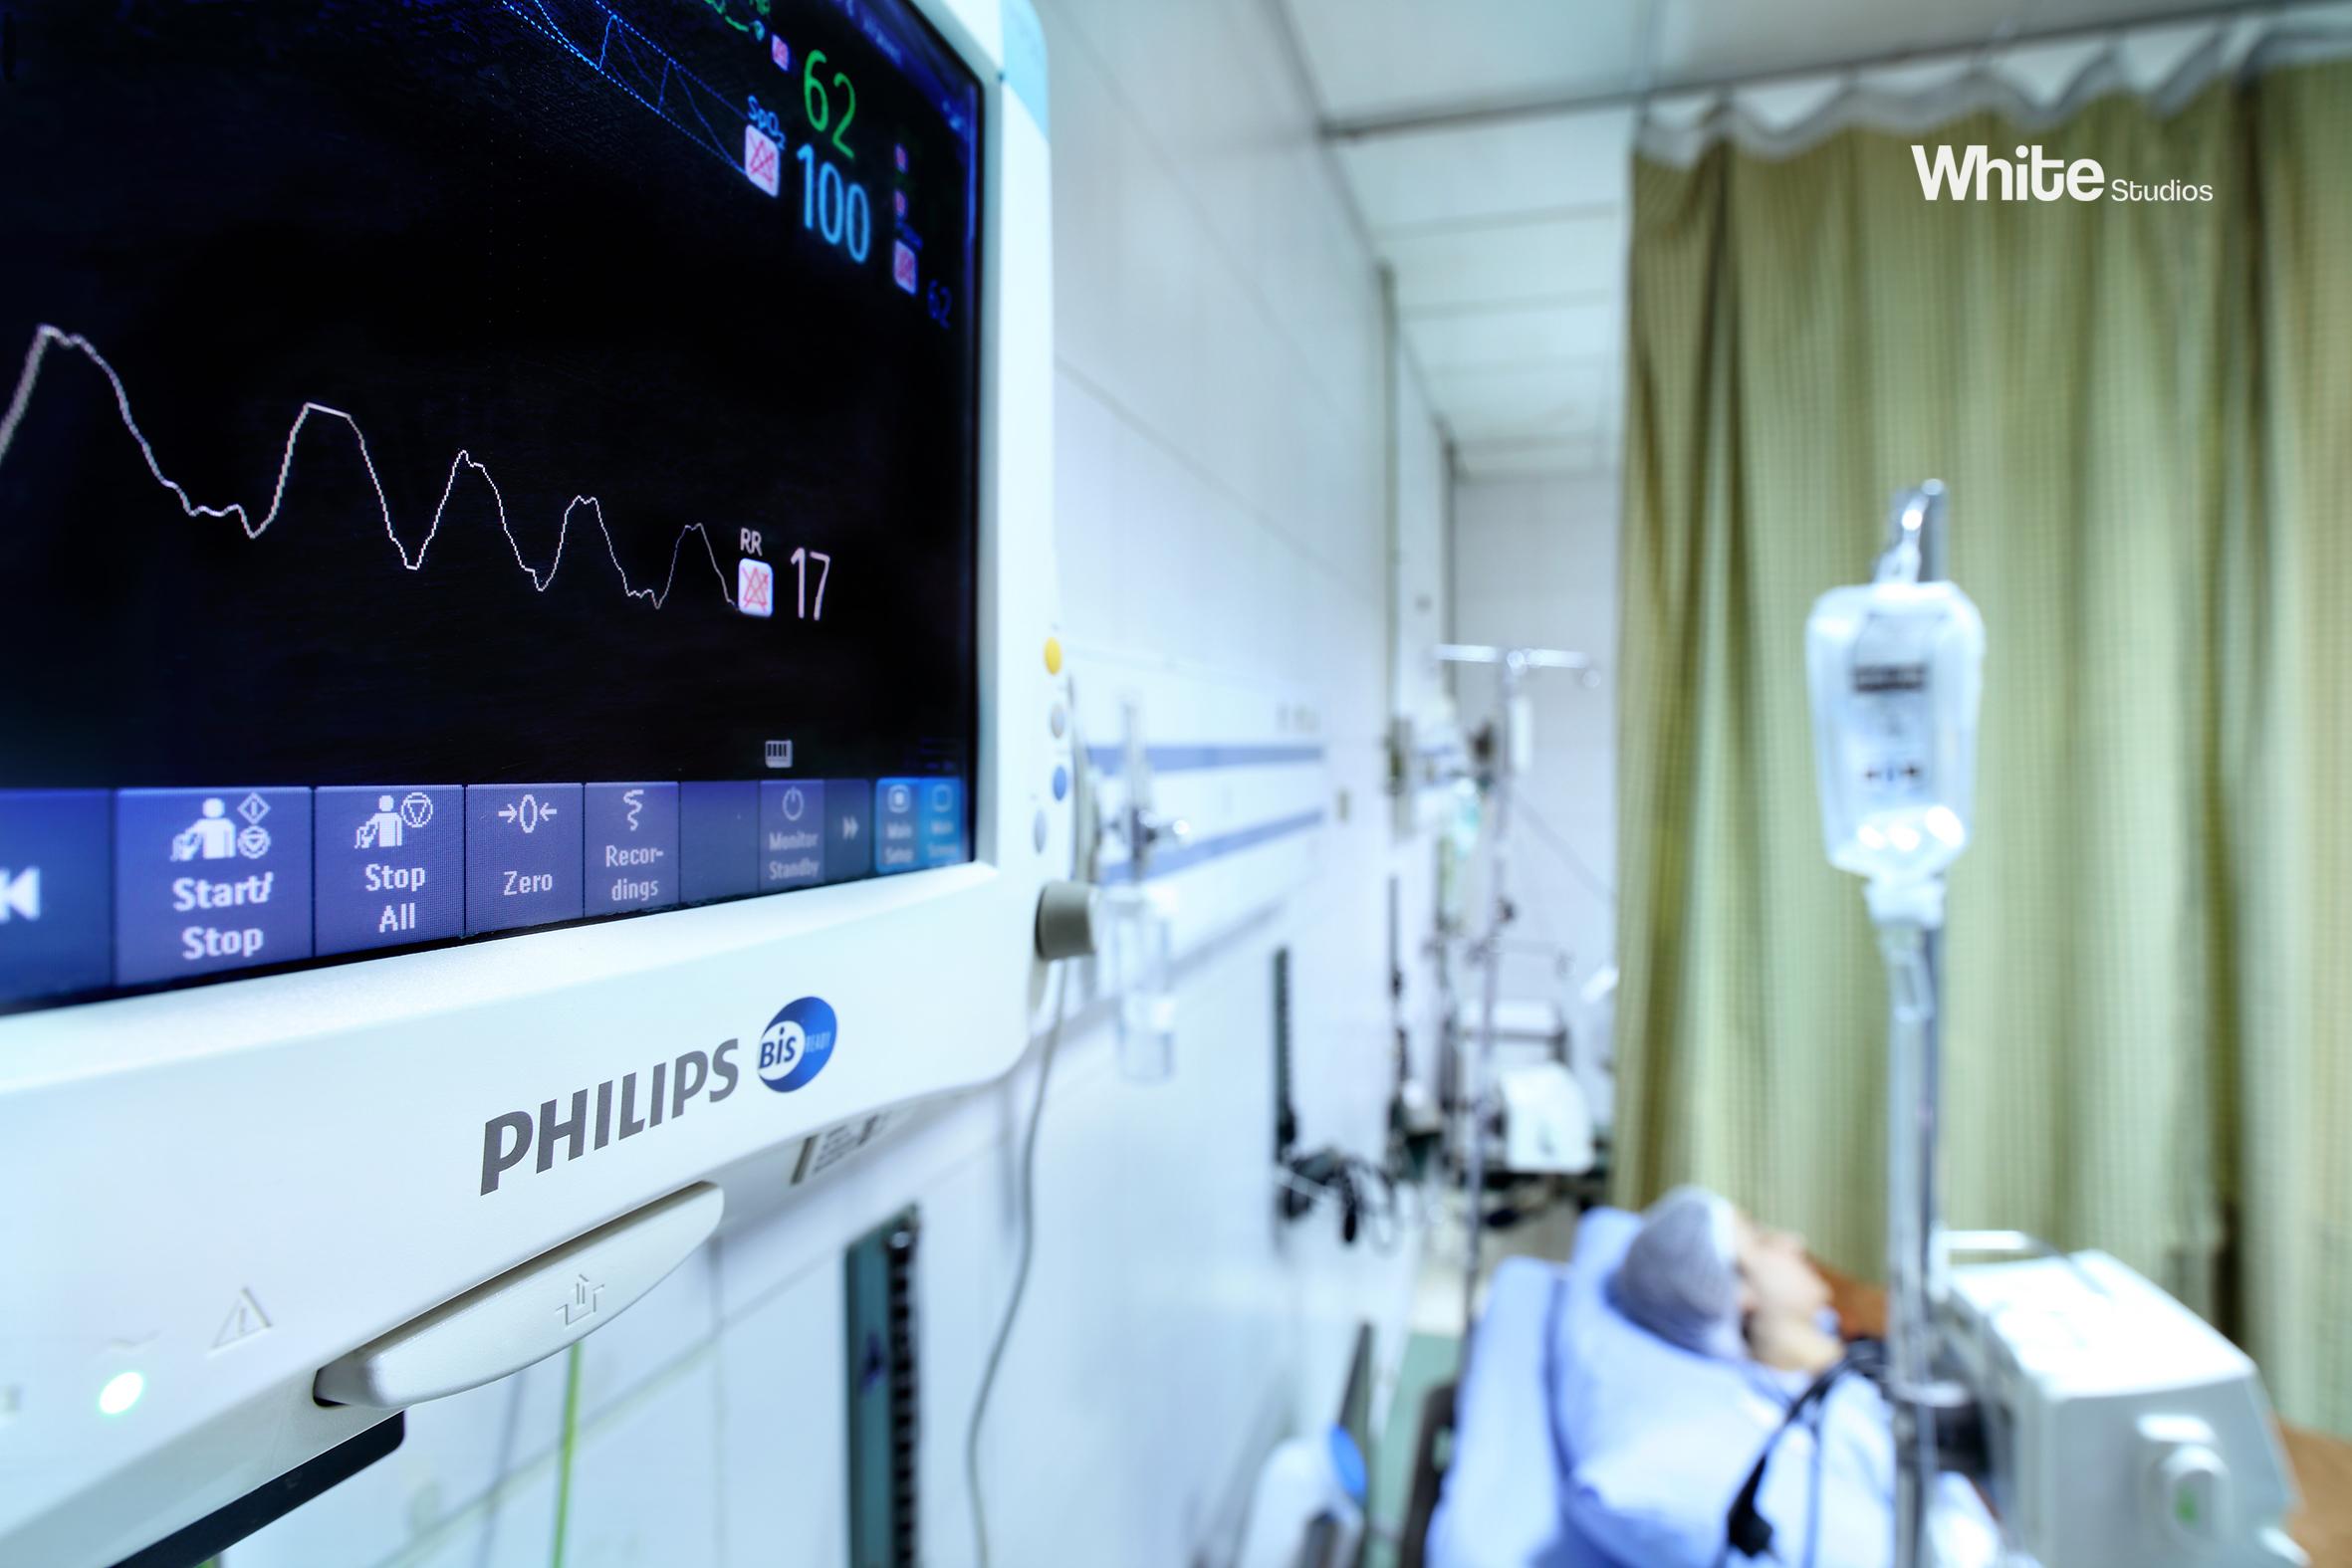 Philips Shooting